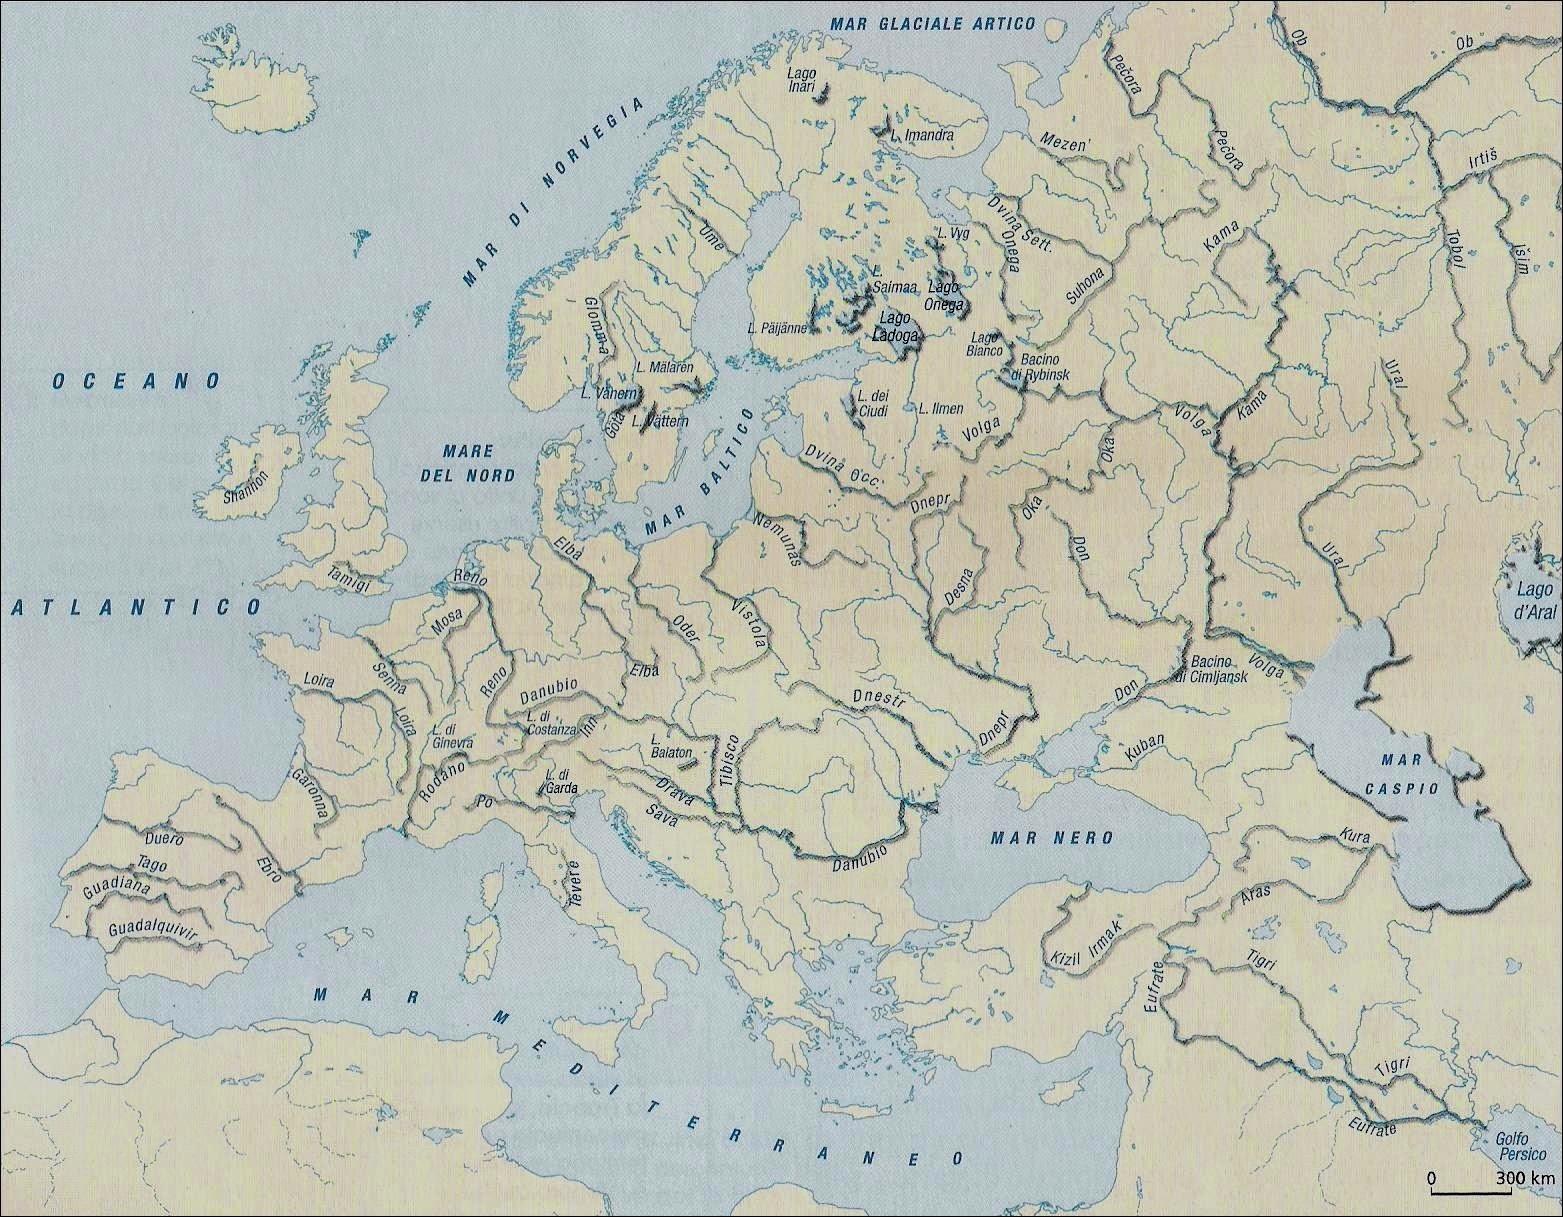 Laghi Europa Cartina.Imparare Con La Geografia 8 L Idrografia In Europa